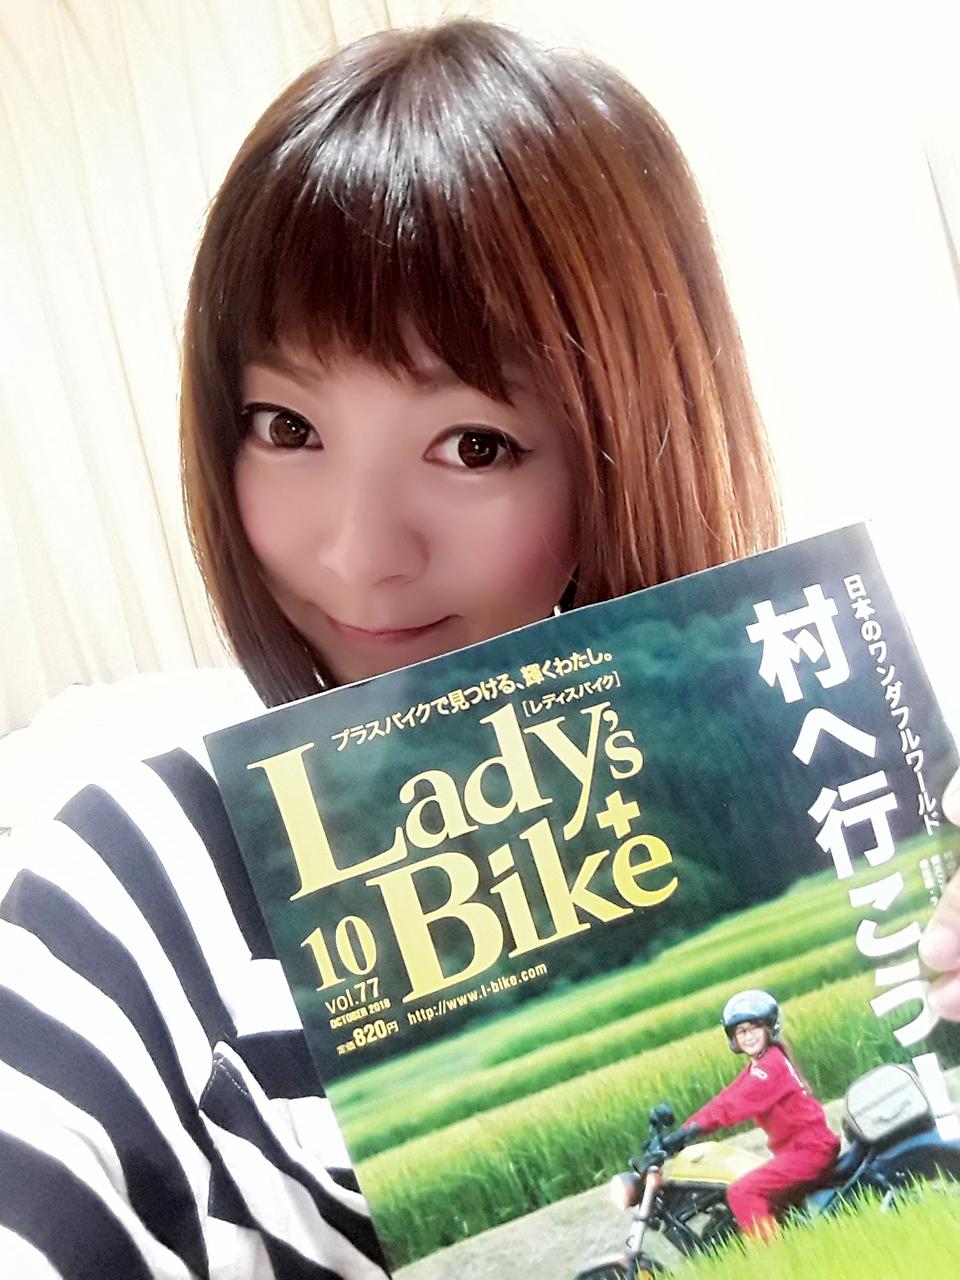 レディスバイク10月号vol.77が発売されました。